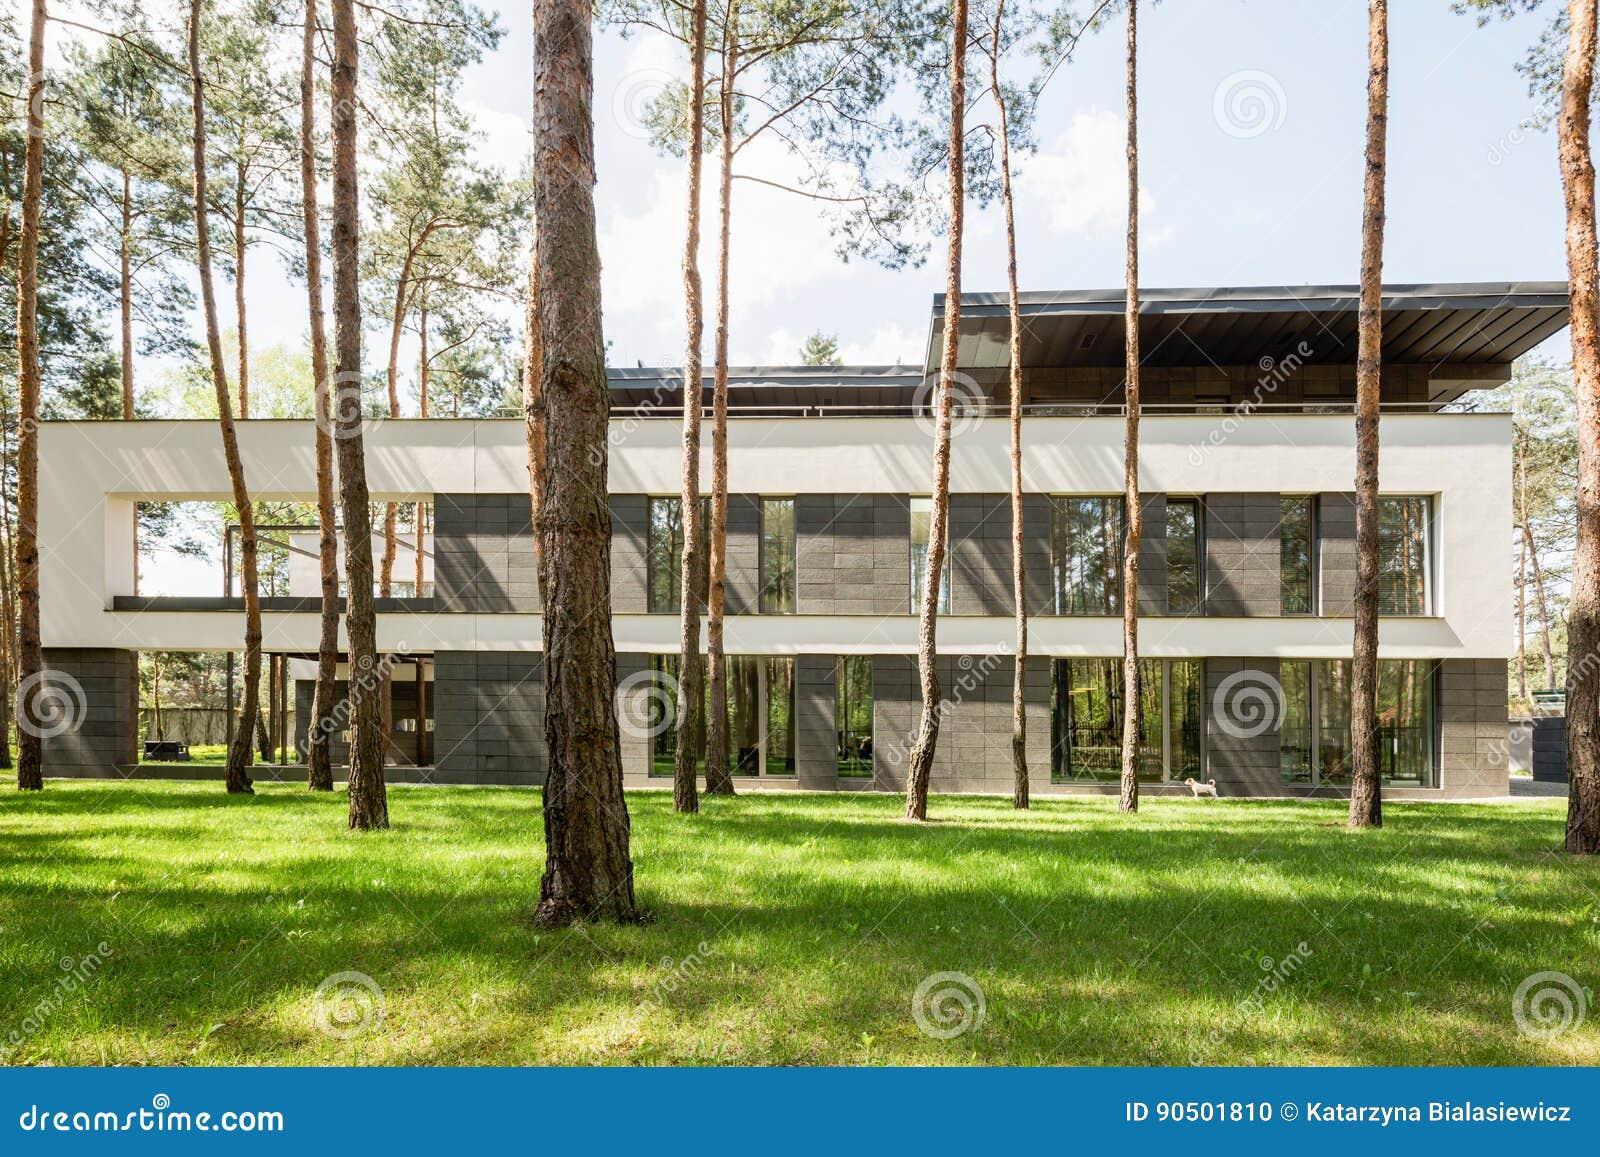 Maison Moderne Extérieure Dans La Forêt Photo stock - Image ...